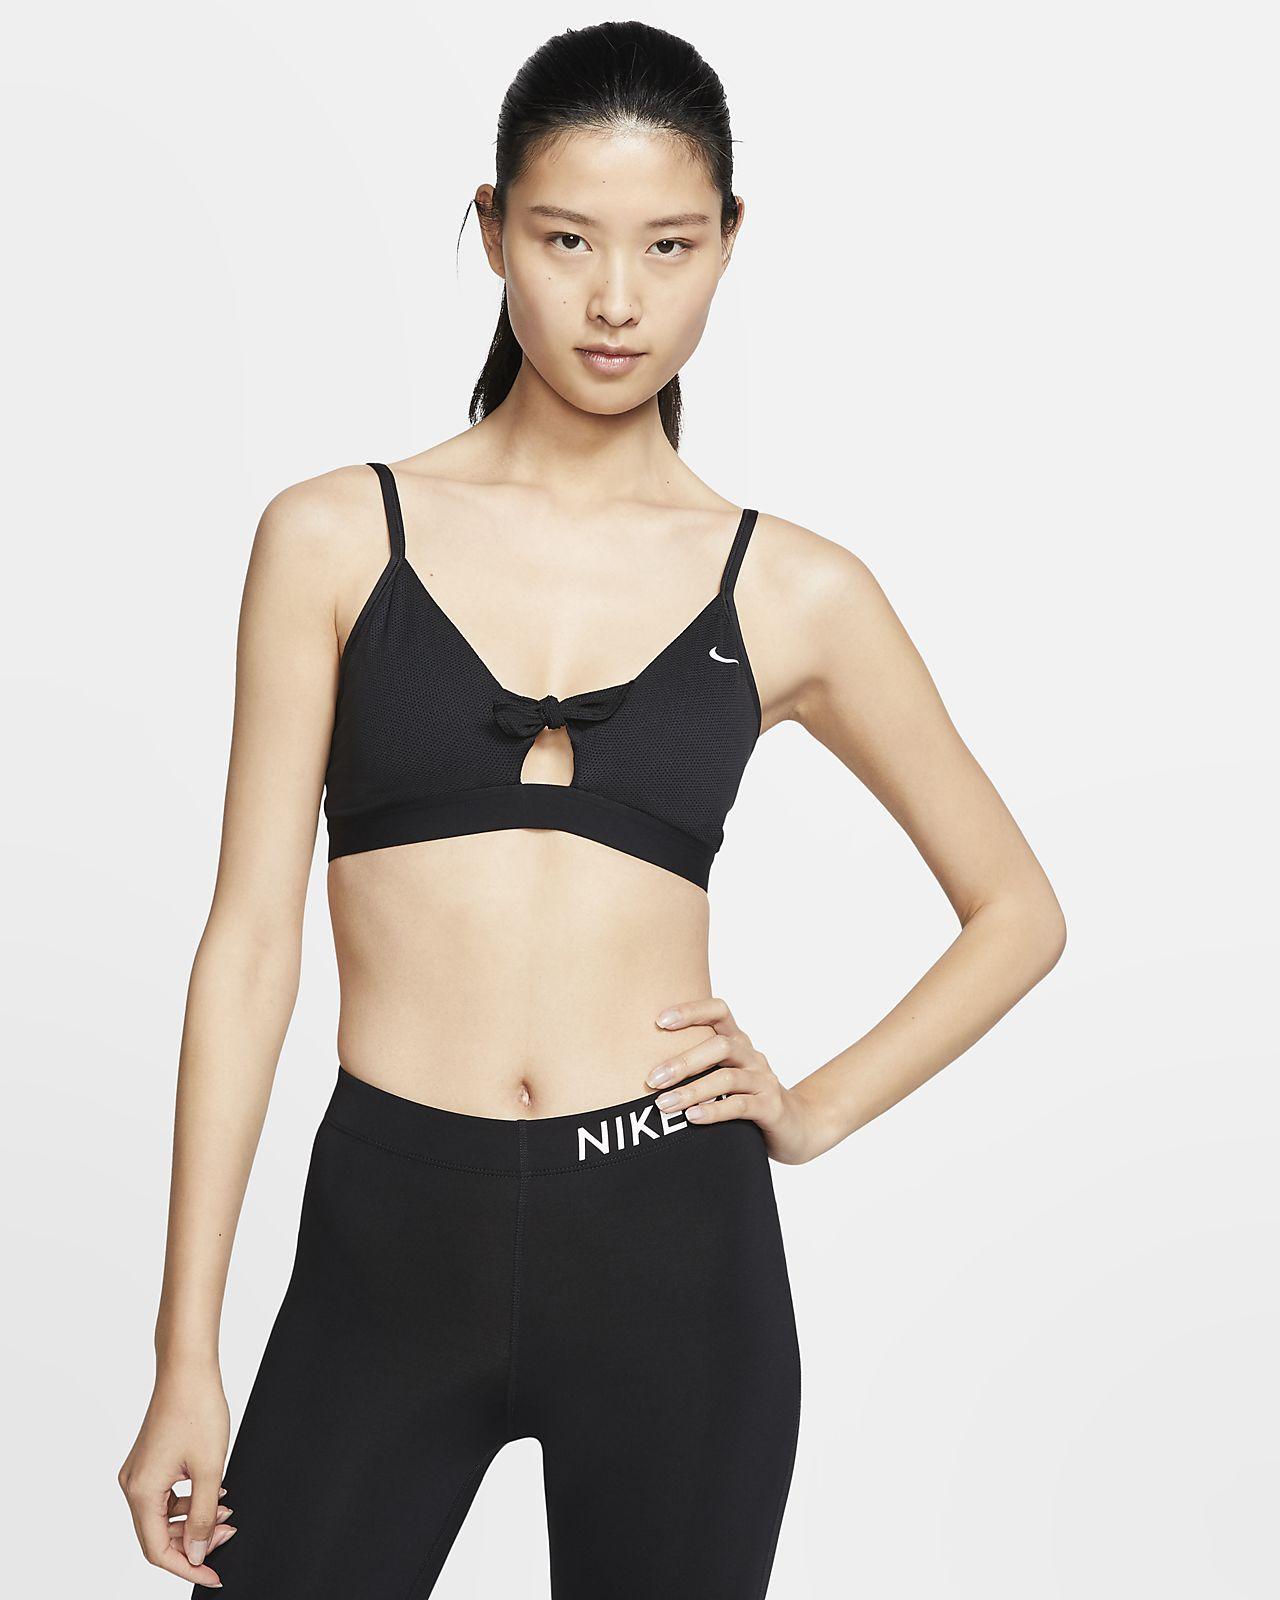 Nike Favorites 女款輕度支撐型運動內衣